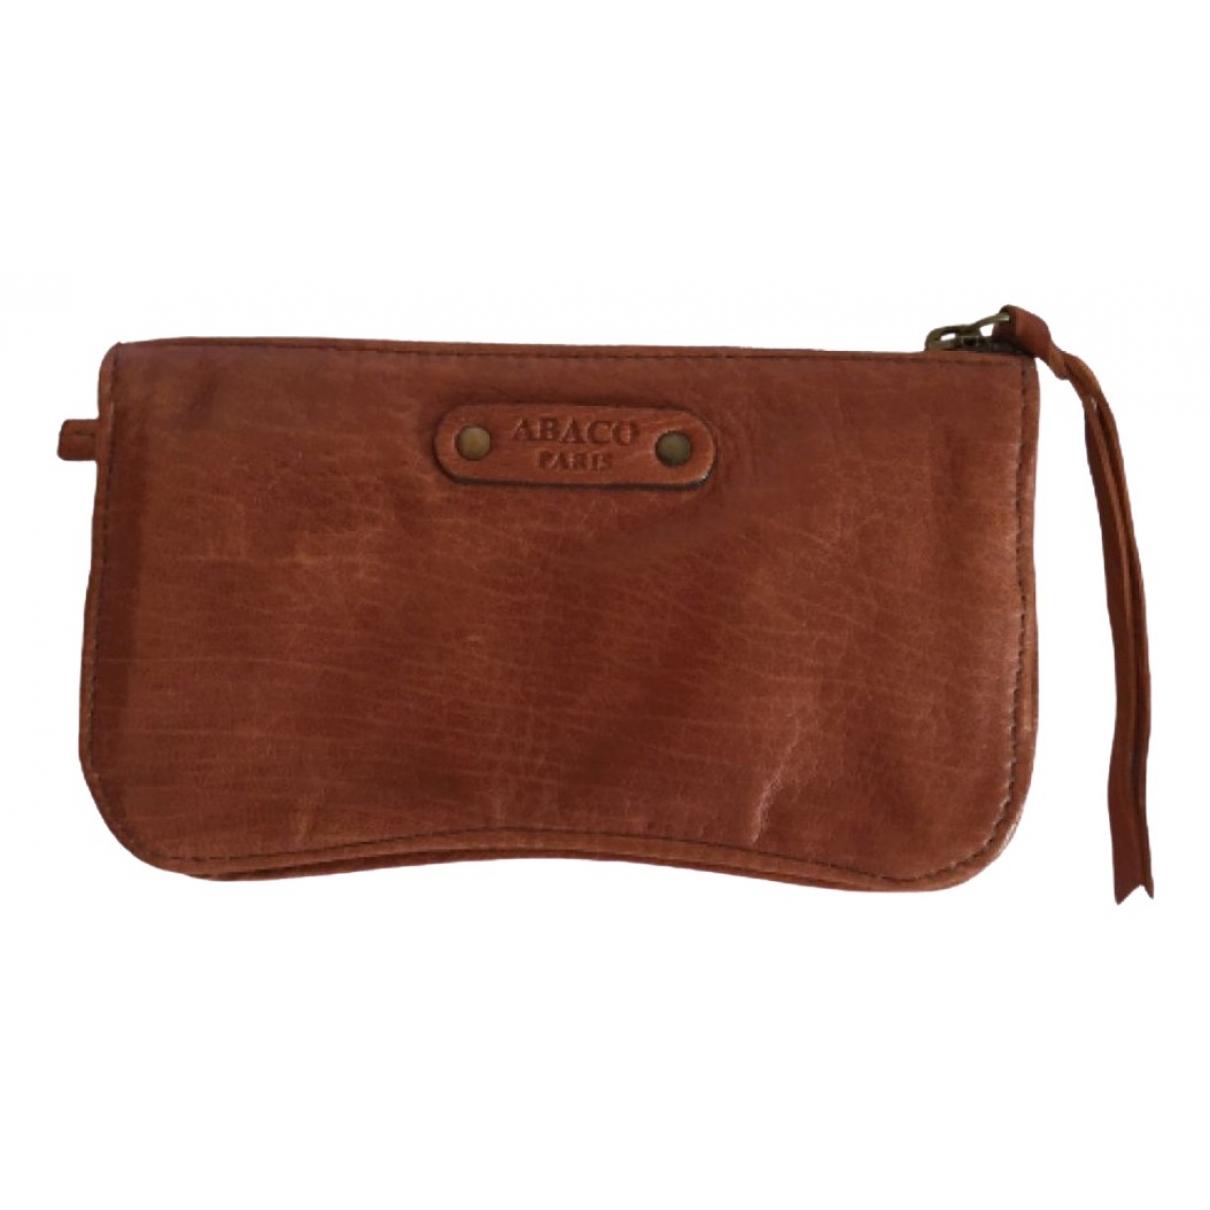 Abaco - Portefeuille   pour femme en cuir - marron